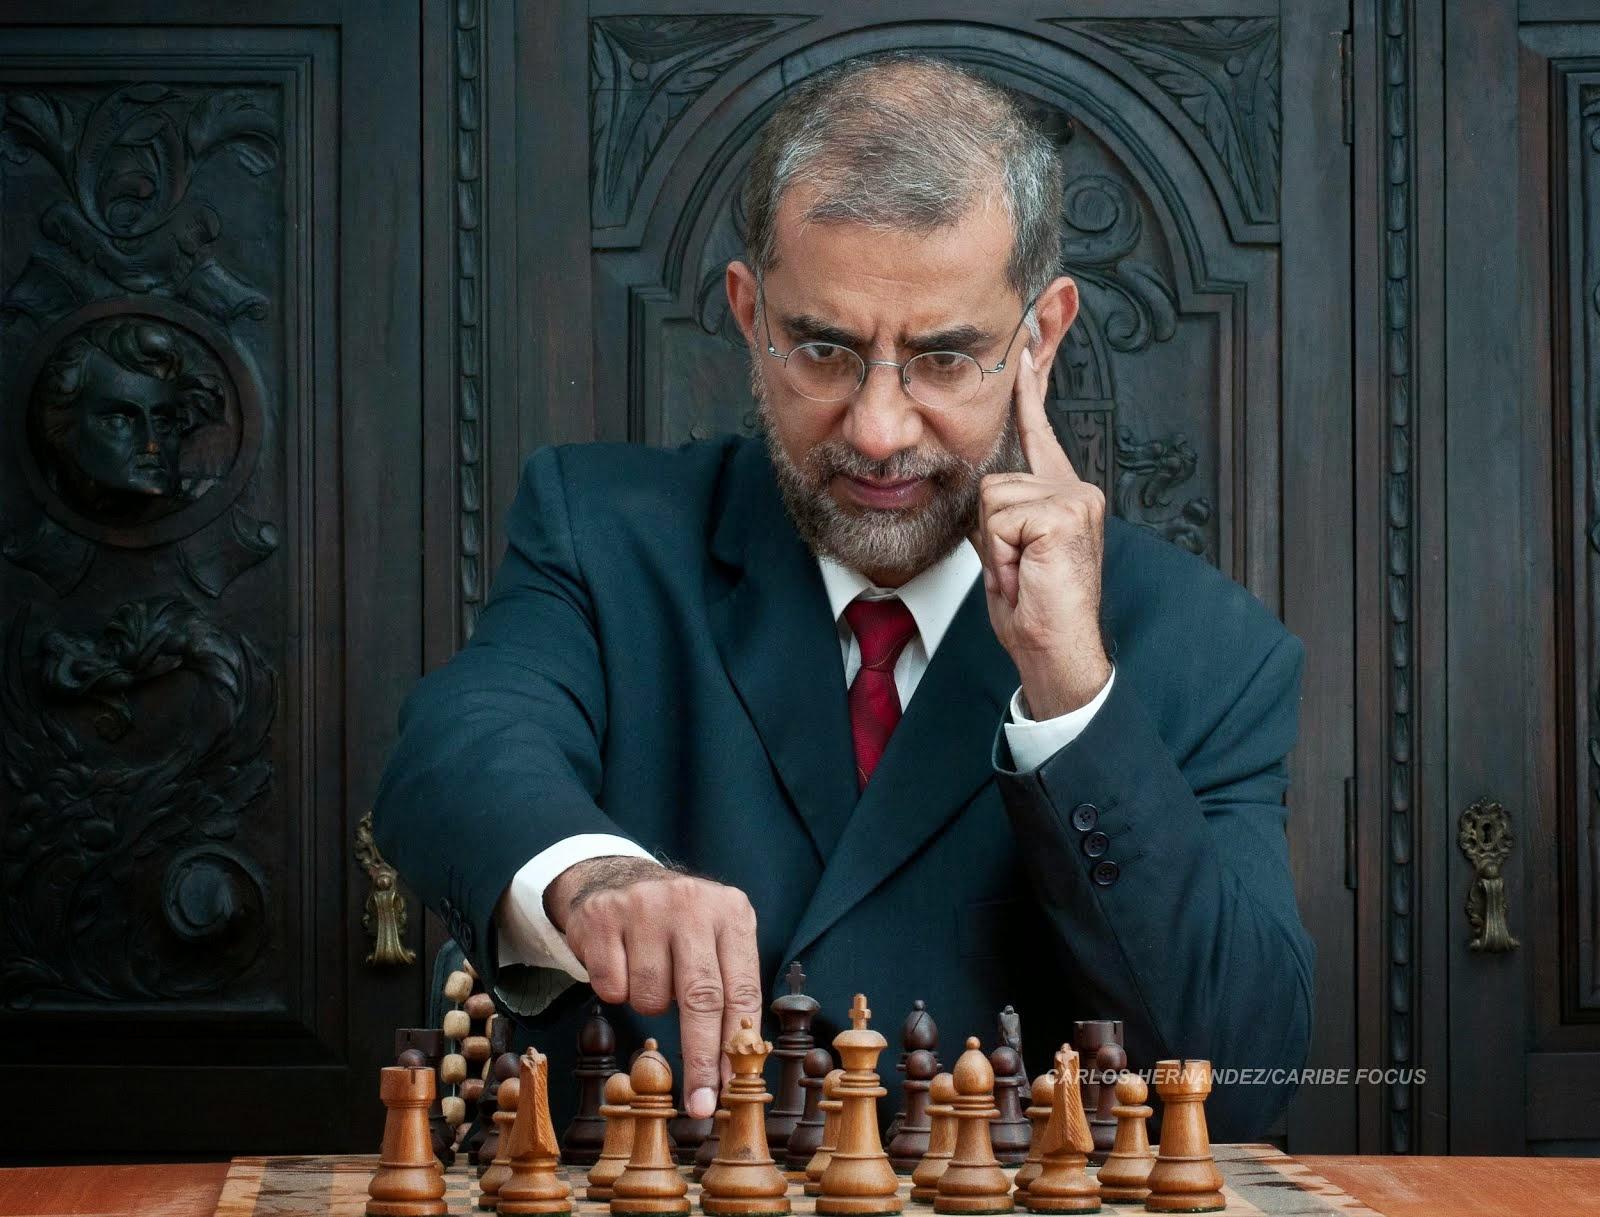 Victor-Alvarez-economista